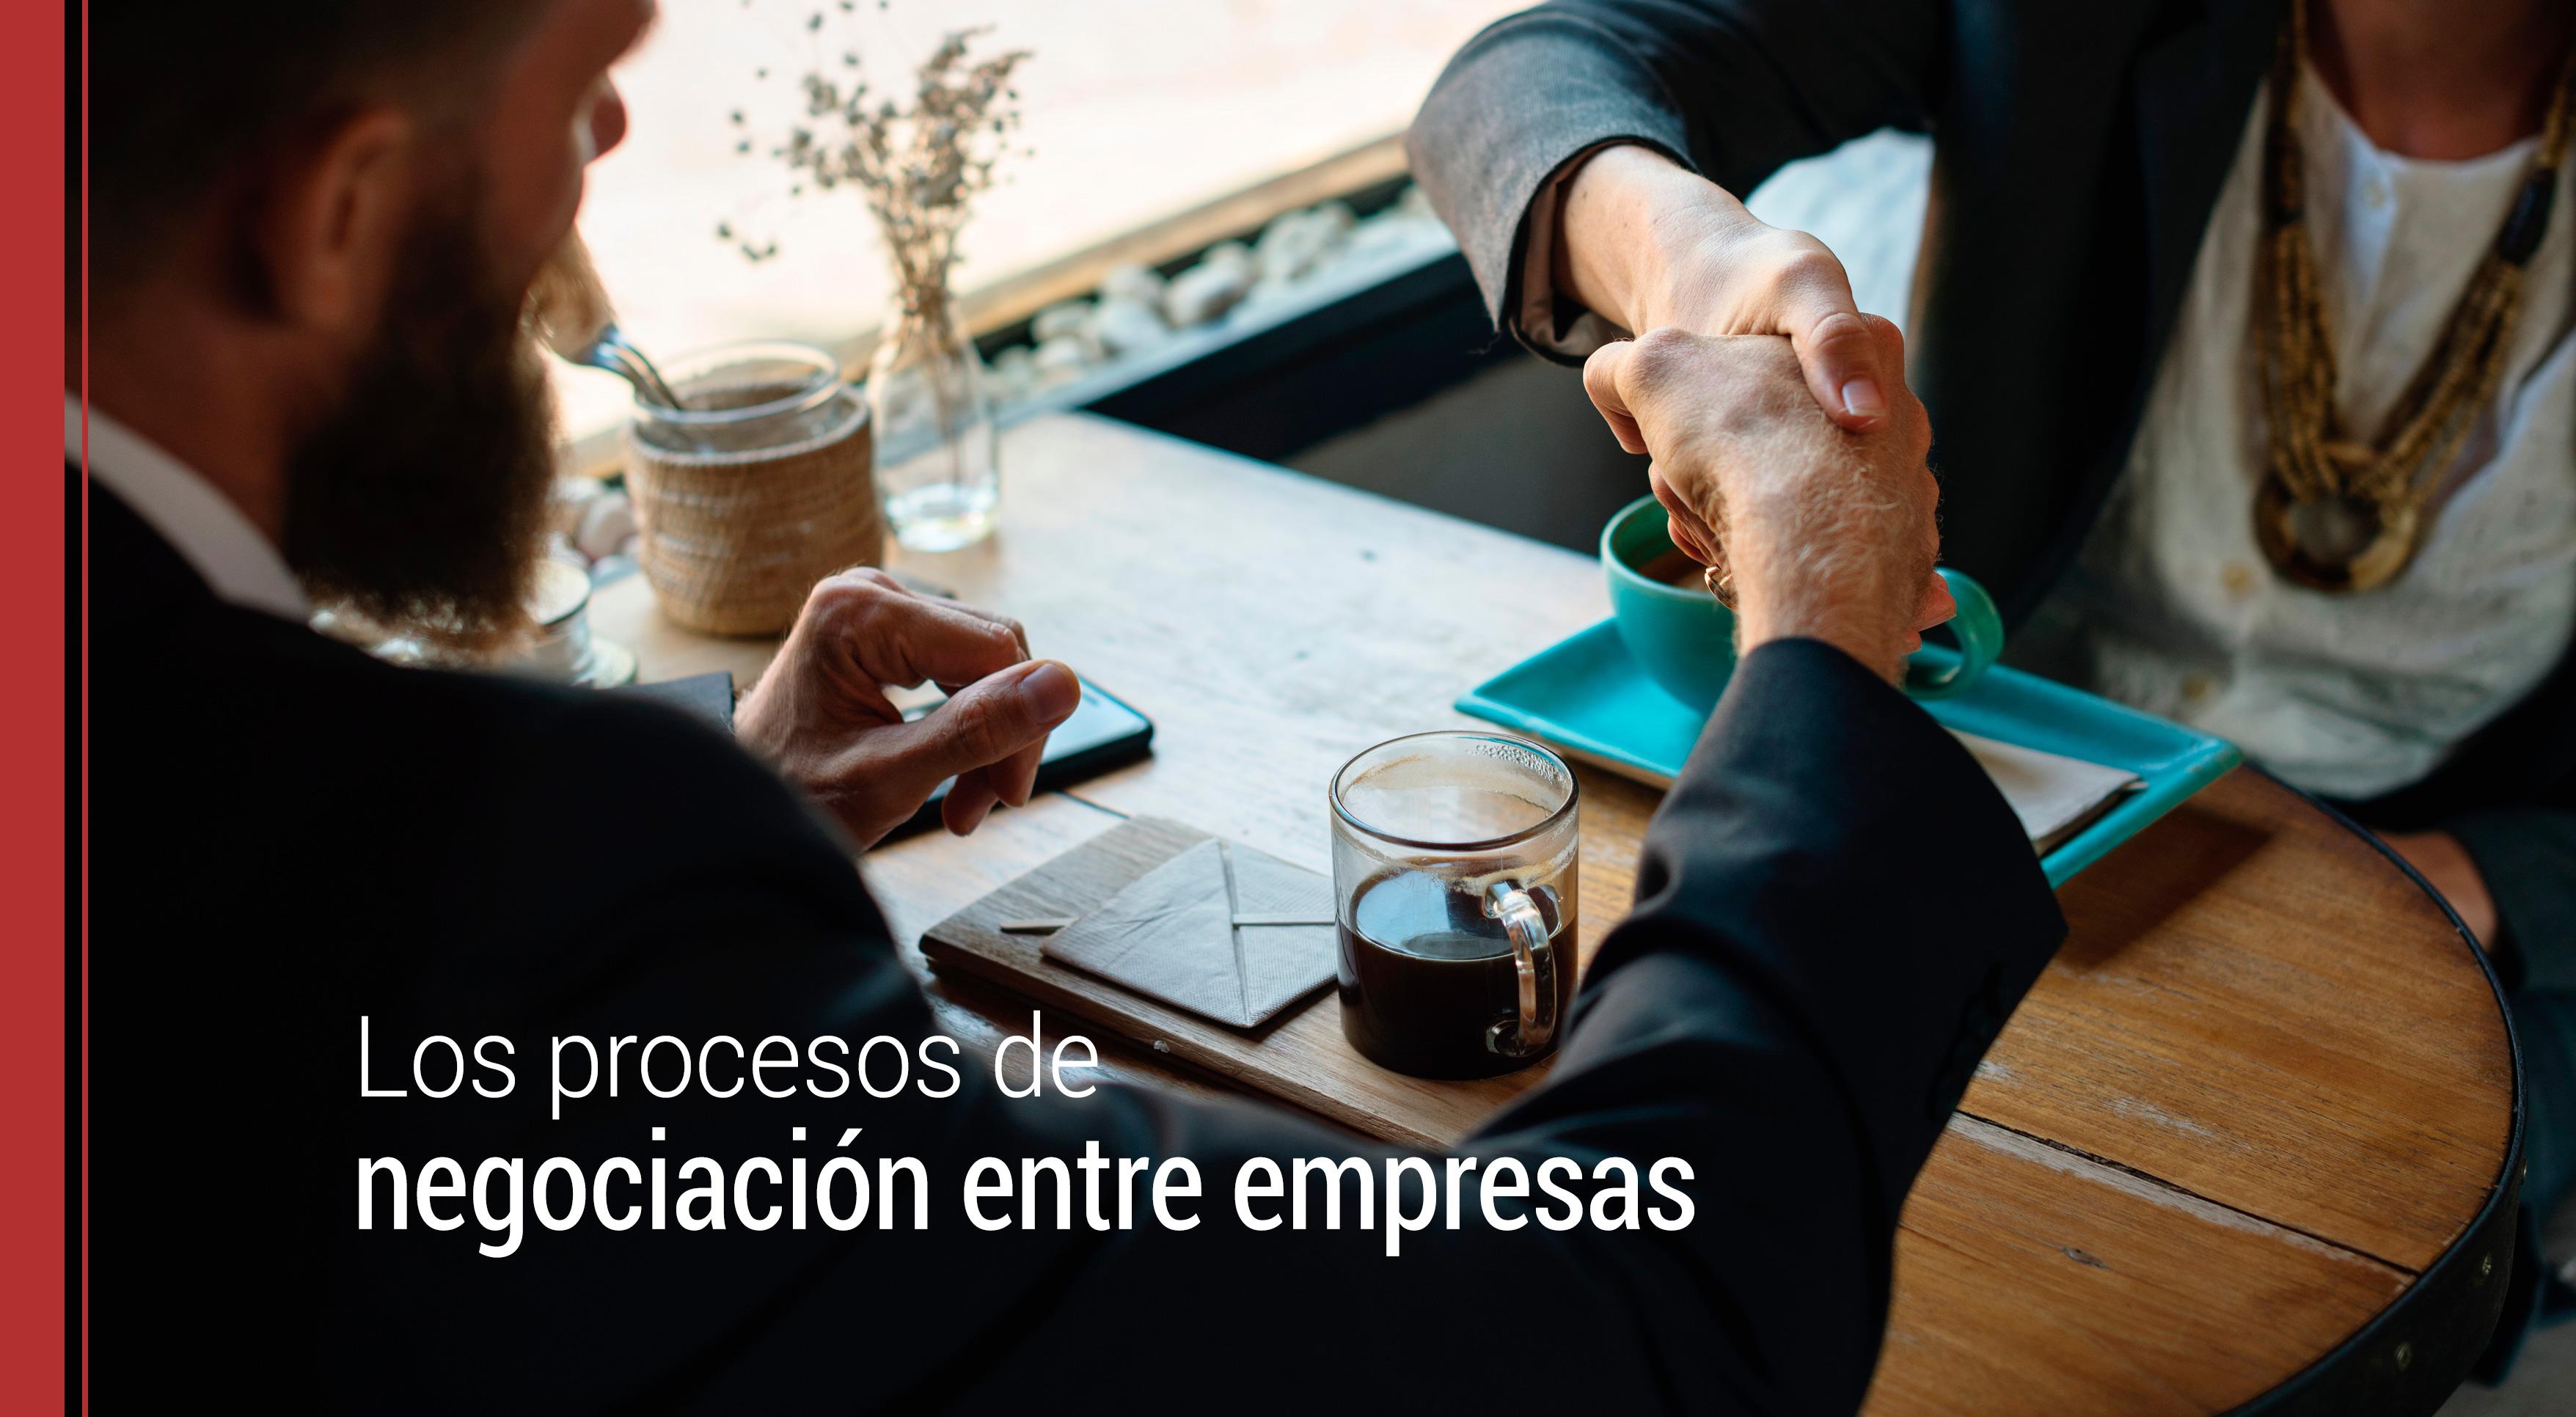 las negociaciones entre empresas